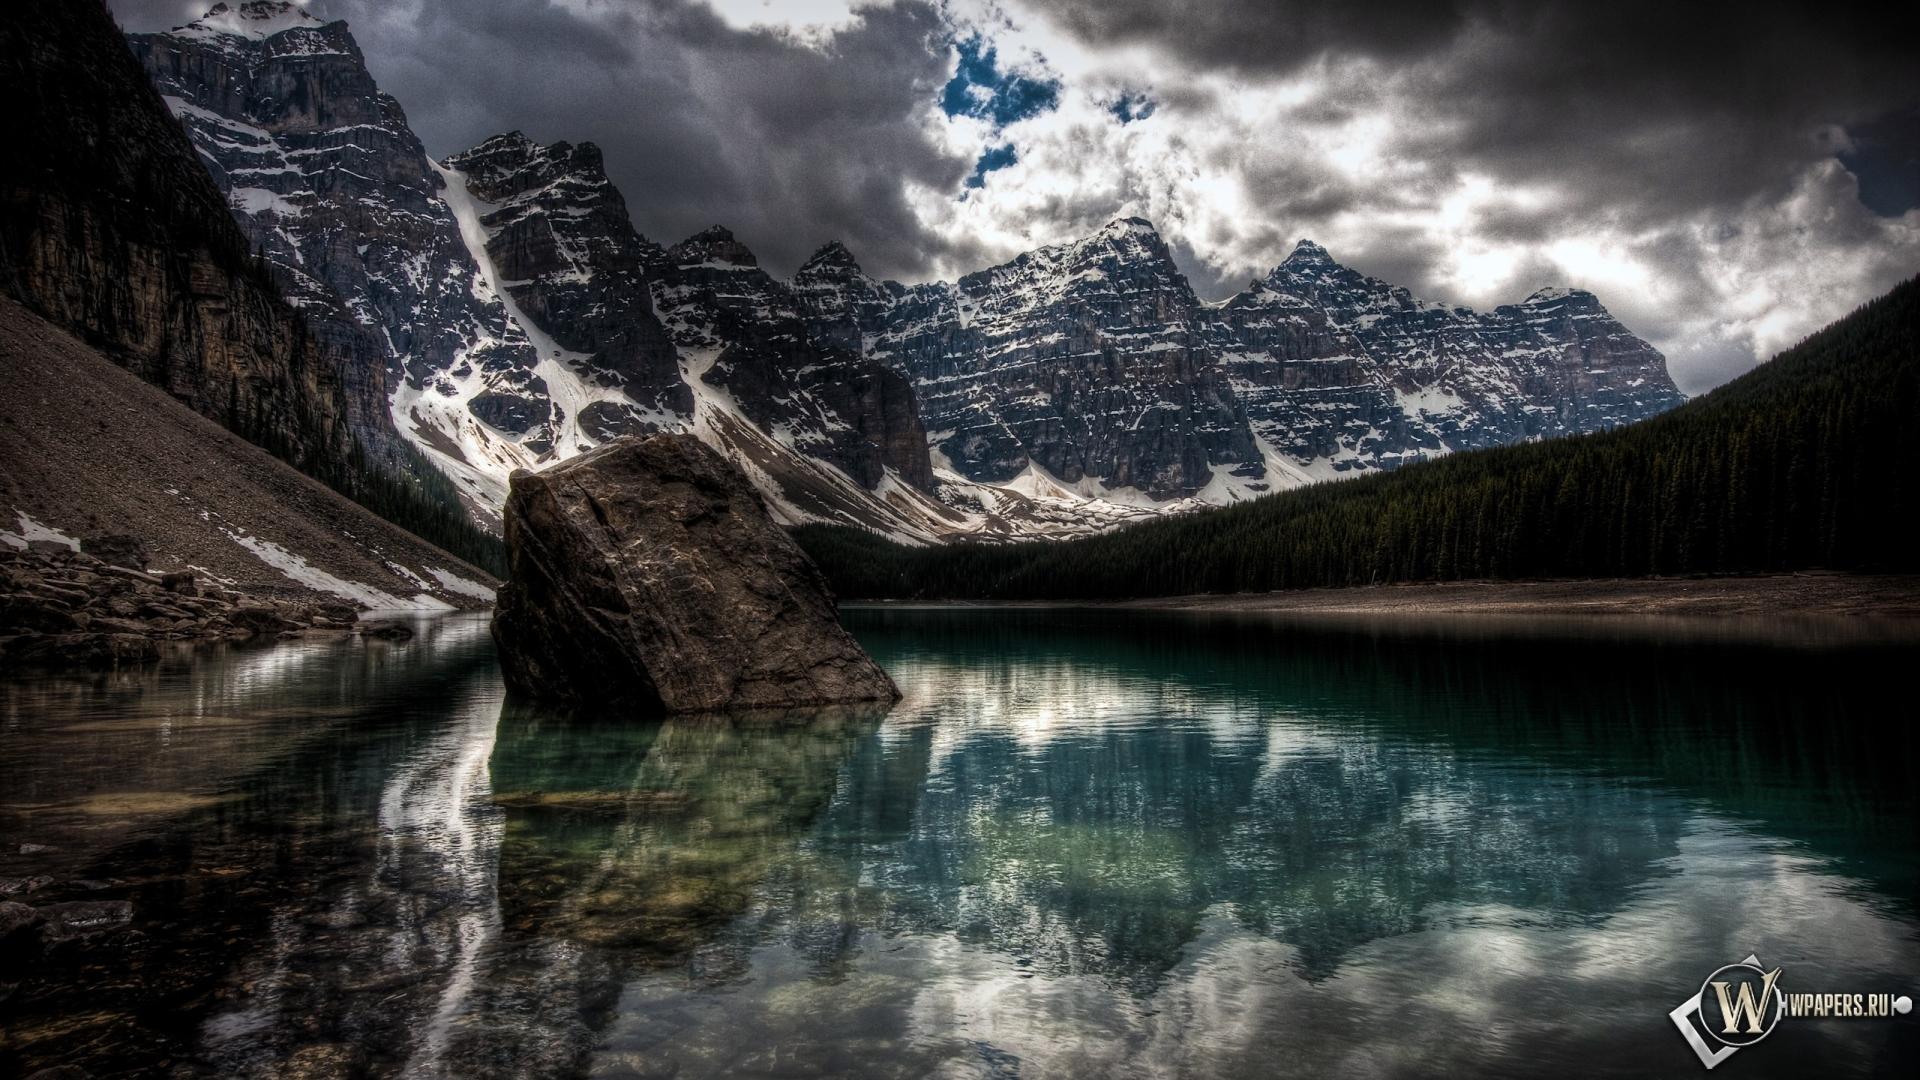 Лесное озеро горы отражение снег